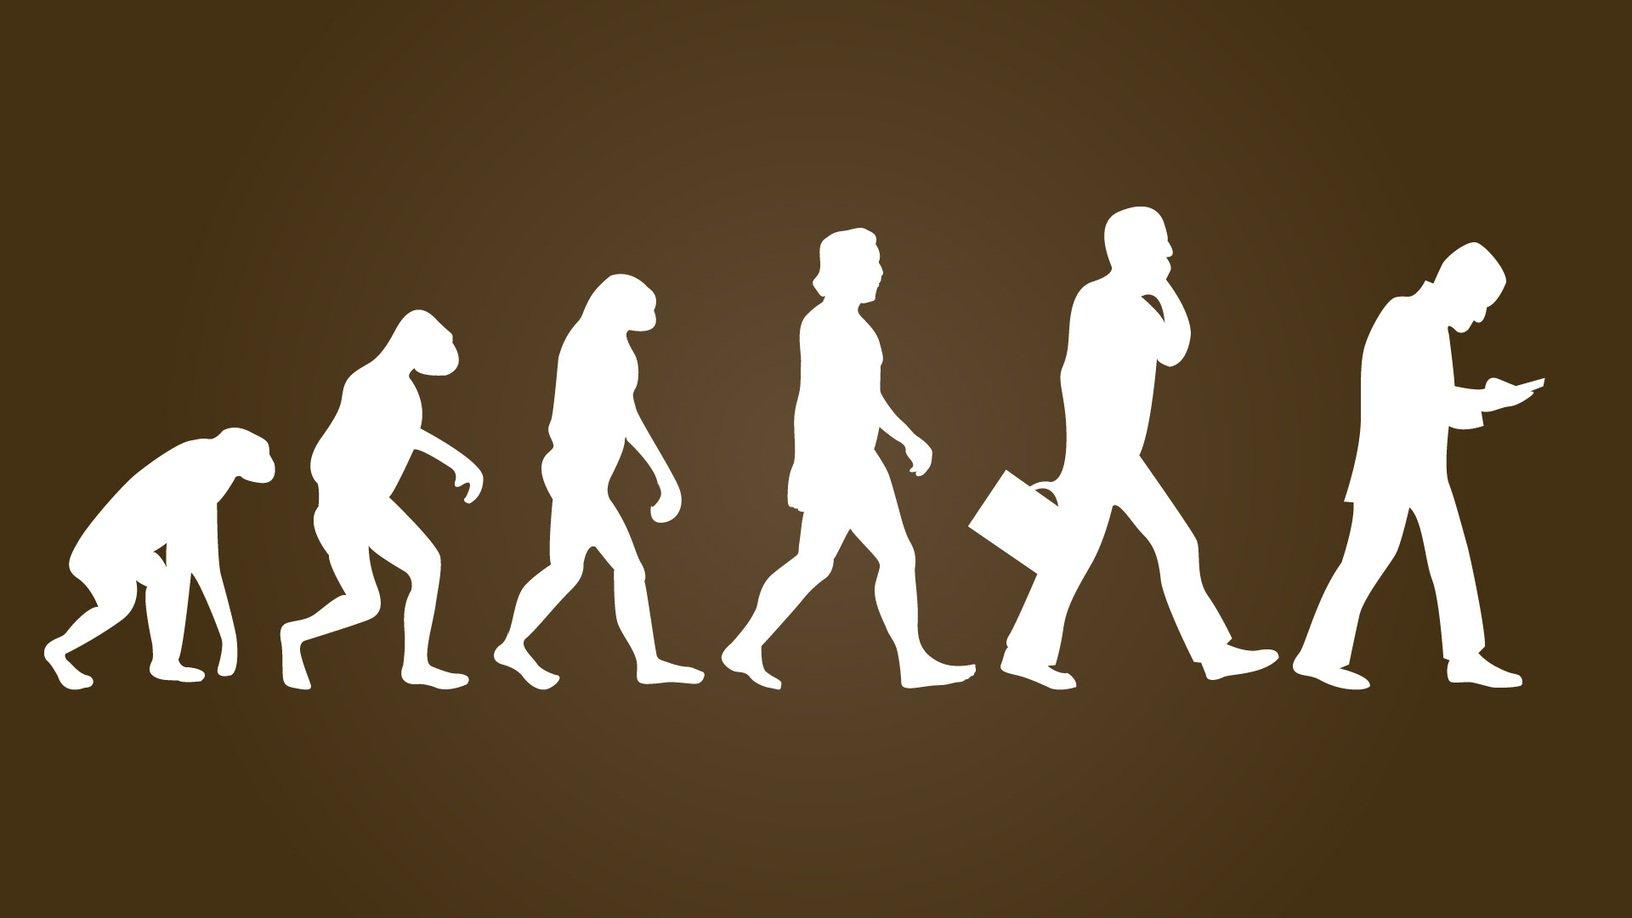 маленькая картинка про эволюцию человека целом, силуэт